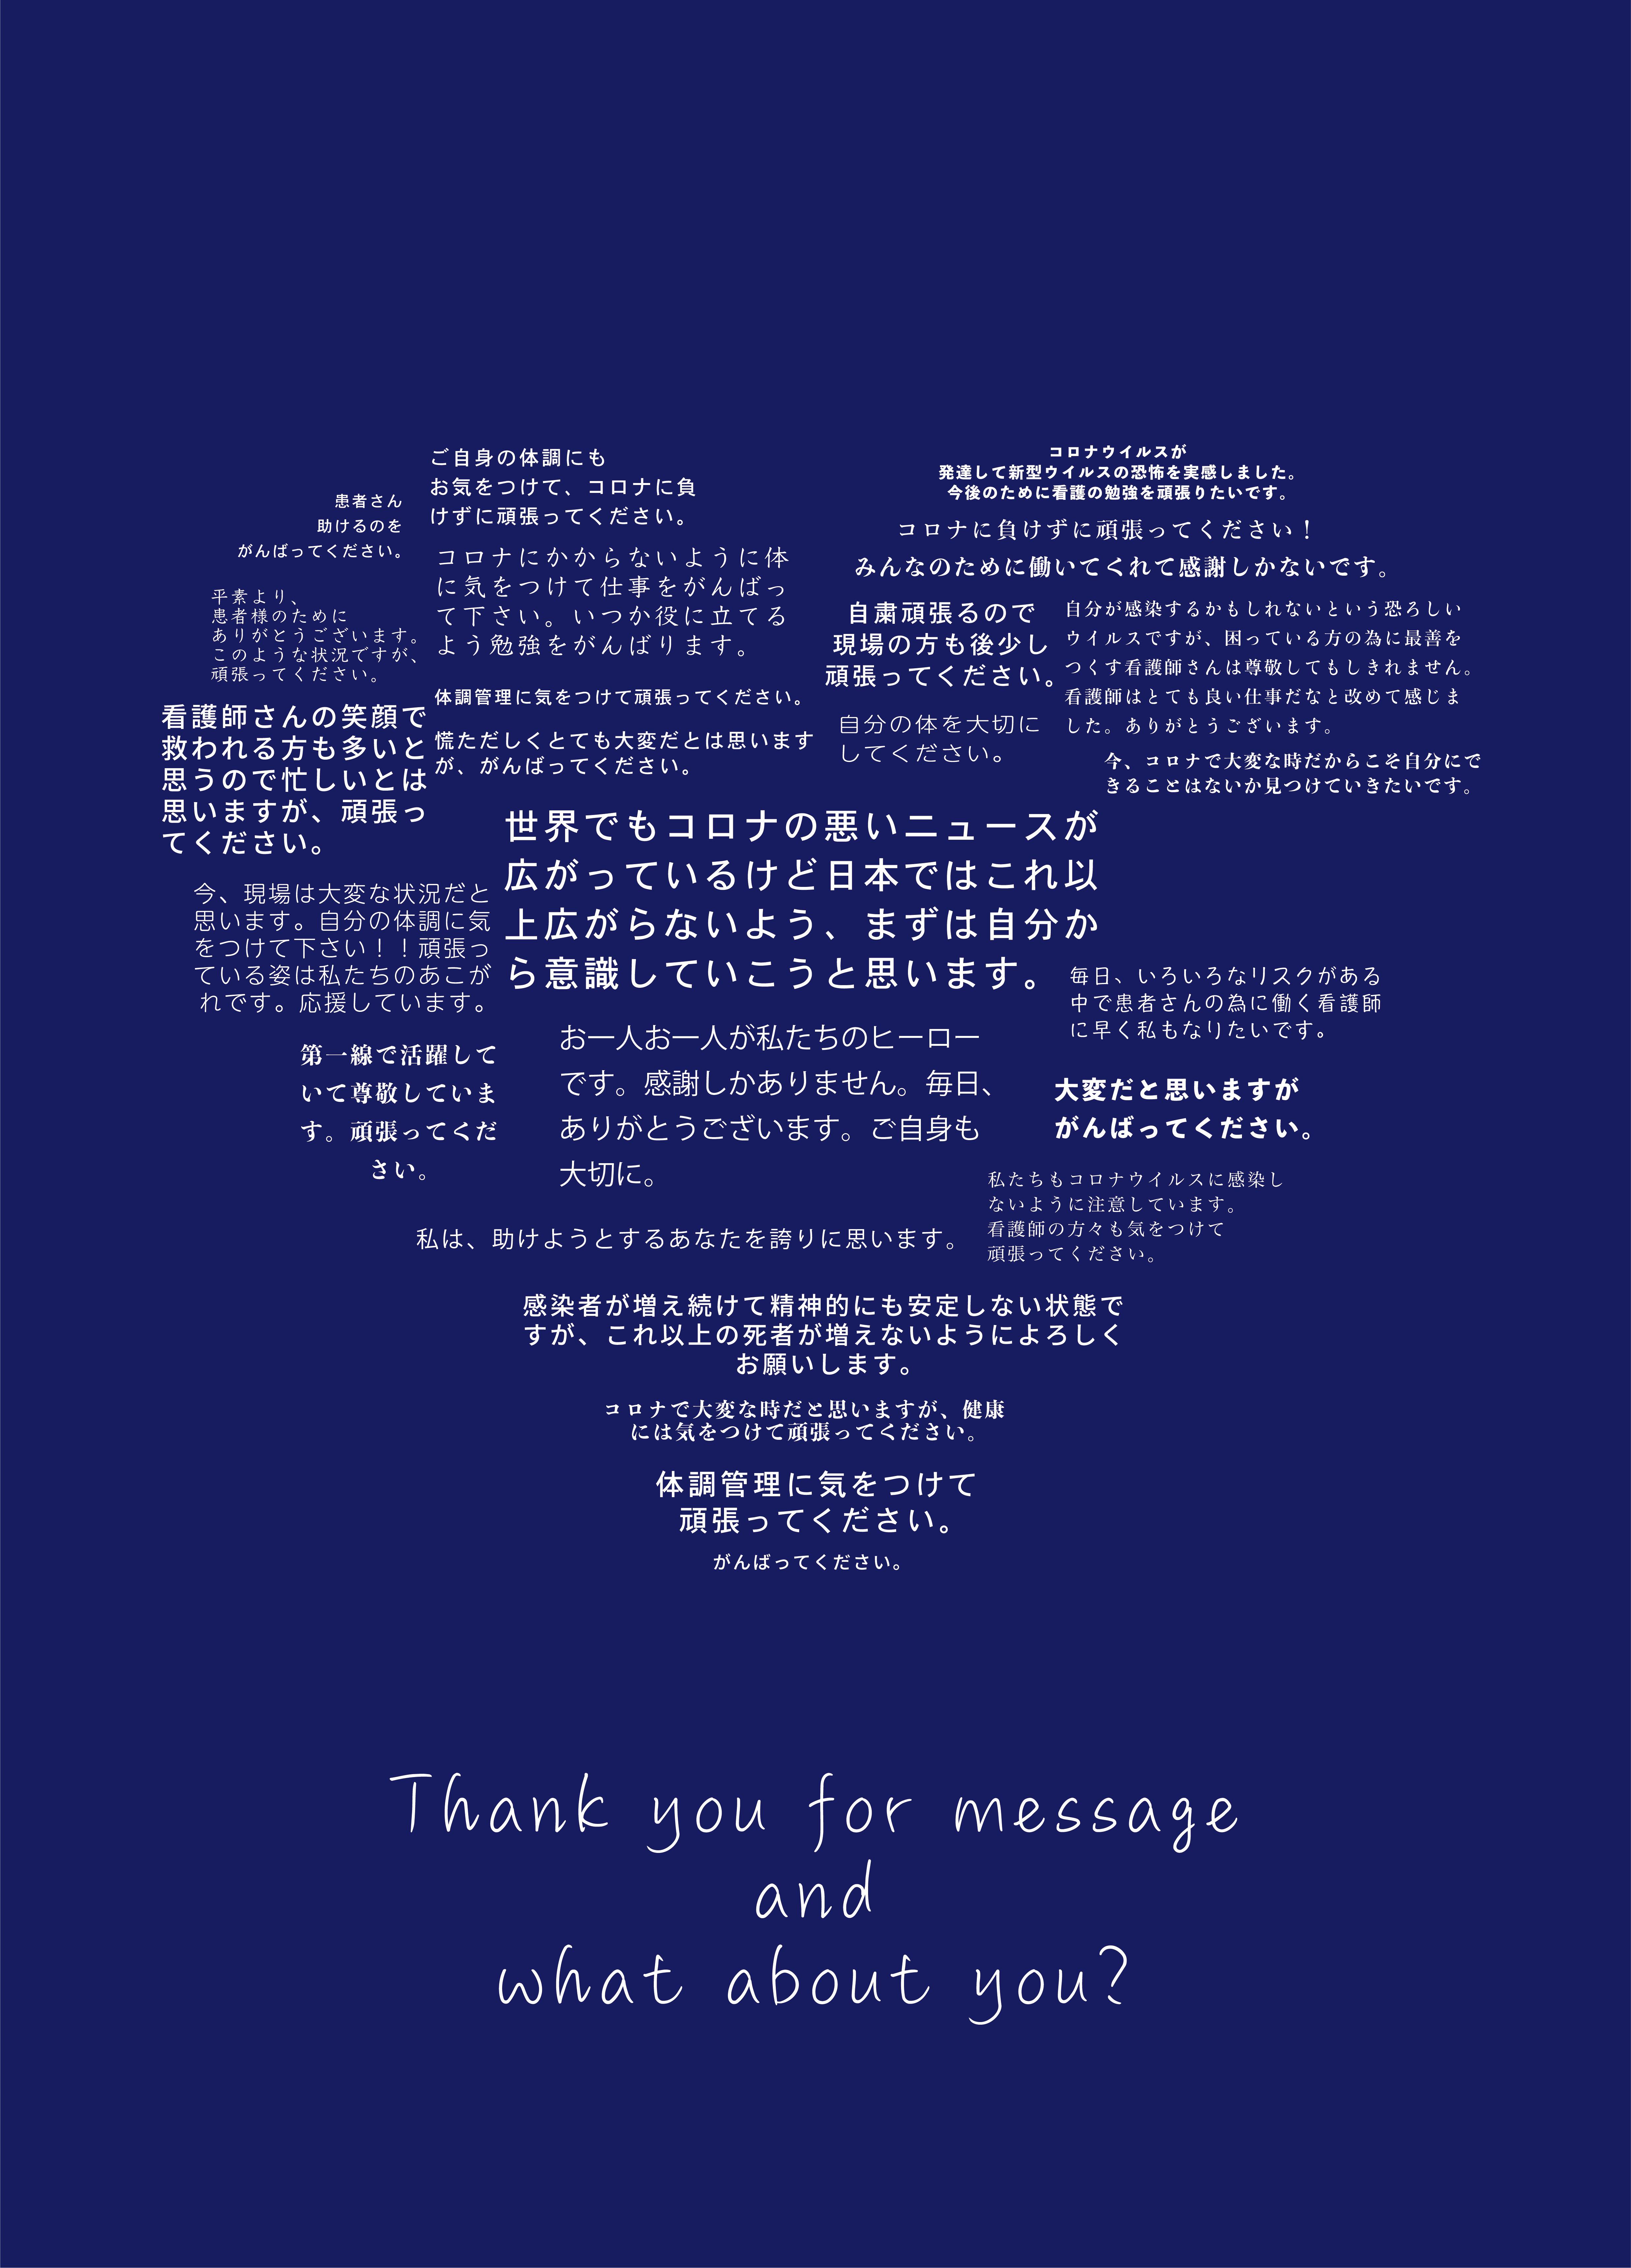 看護学生の方々のメッセージと市民の方のメッセージを集めたポスターを作成しました。